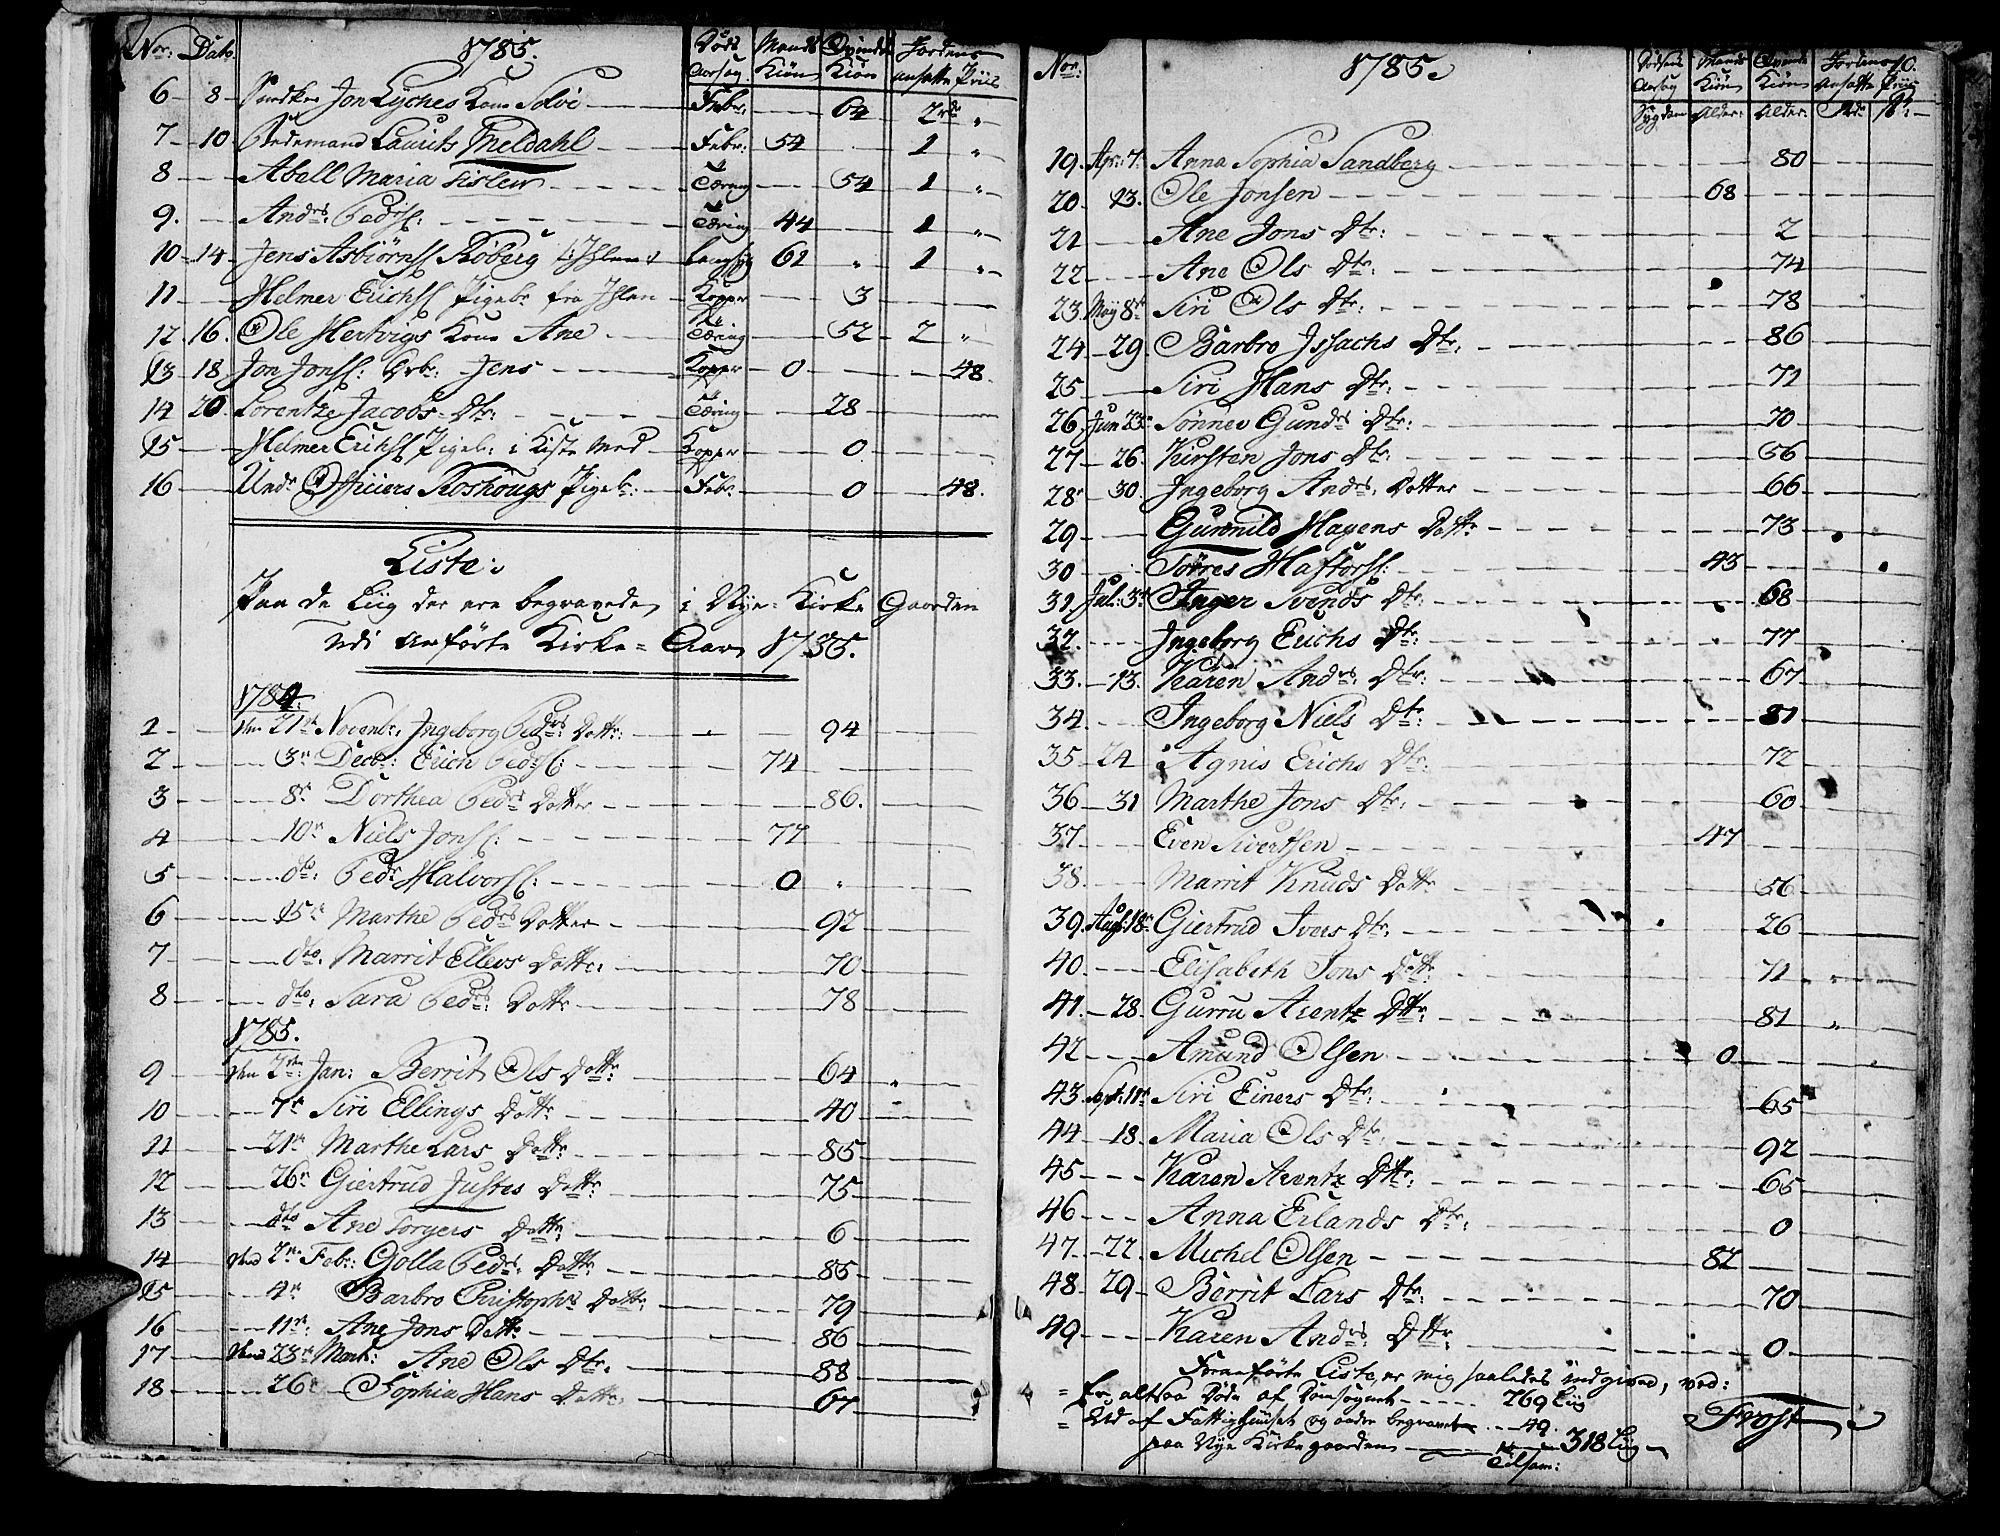 SAT, Ministerialprotokoller, klokkerbøker og fødselsregistre - Sør-Trøndelag, 601/L0040: Ministerialbok nr. 601A08, 1783-1818, s. 10